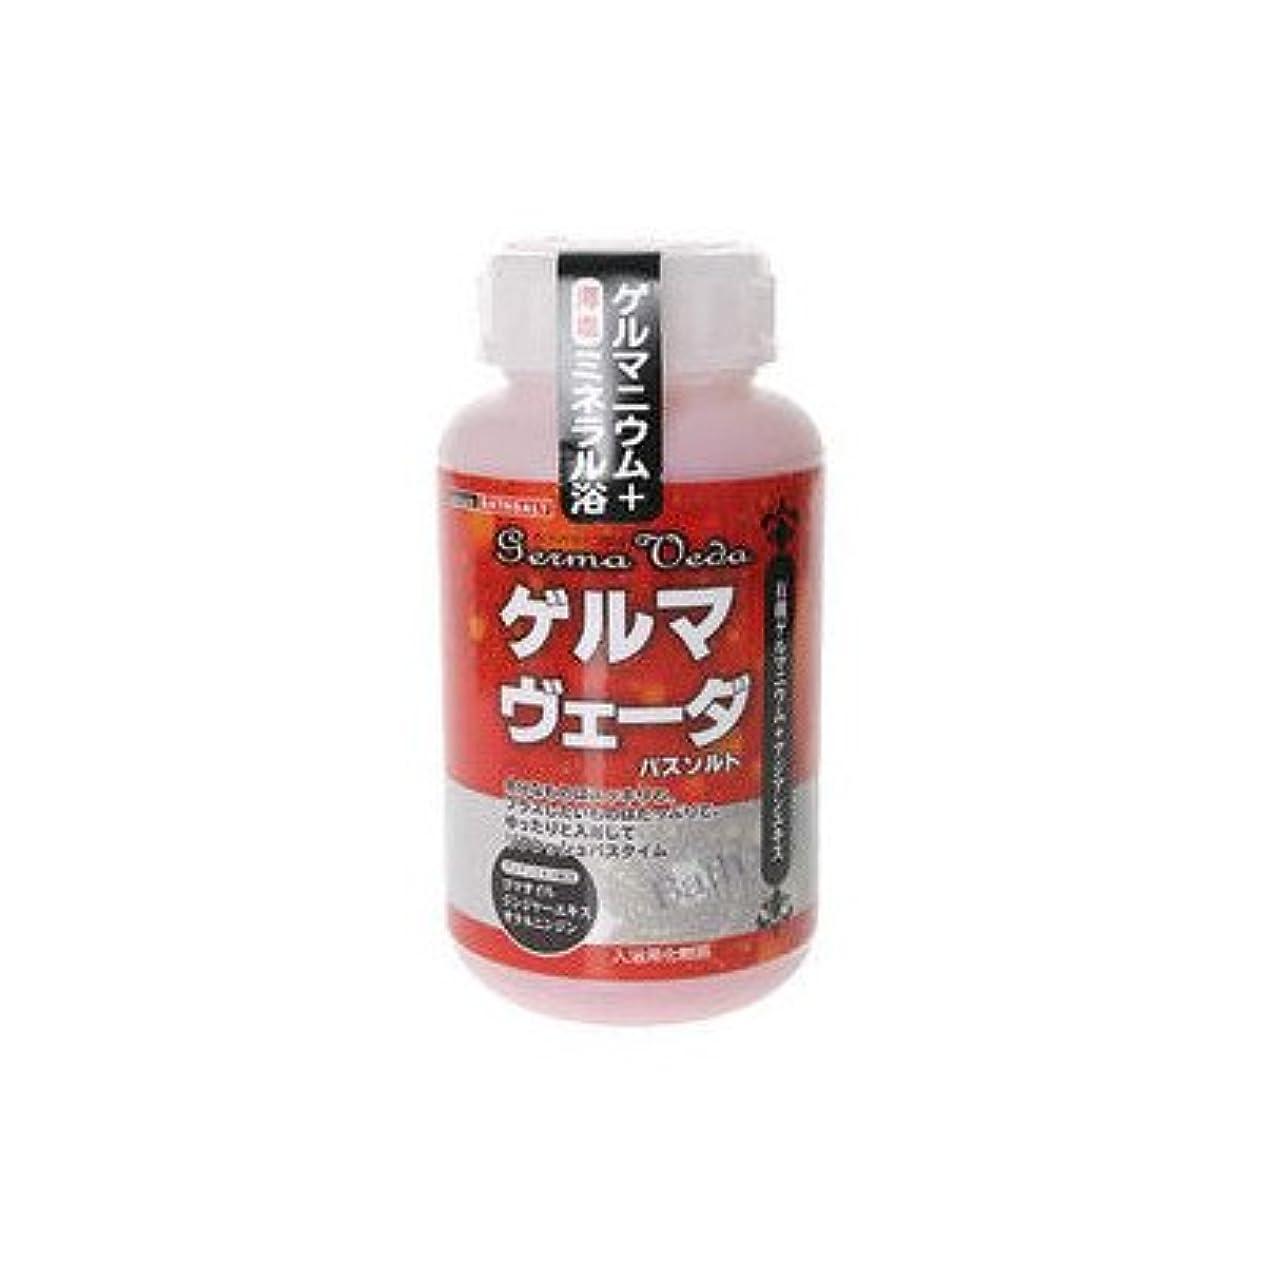 人気の慣性インフレーションゲルマヴェーダ(ゲルマニウム温浴) ボトル(630g) 6本